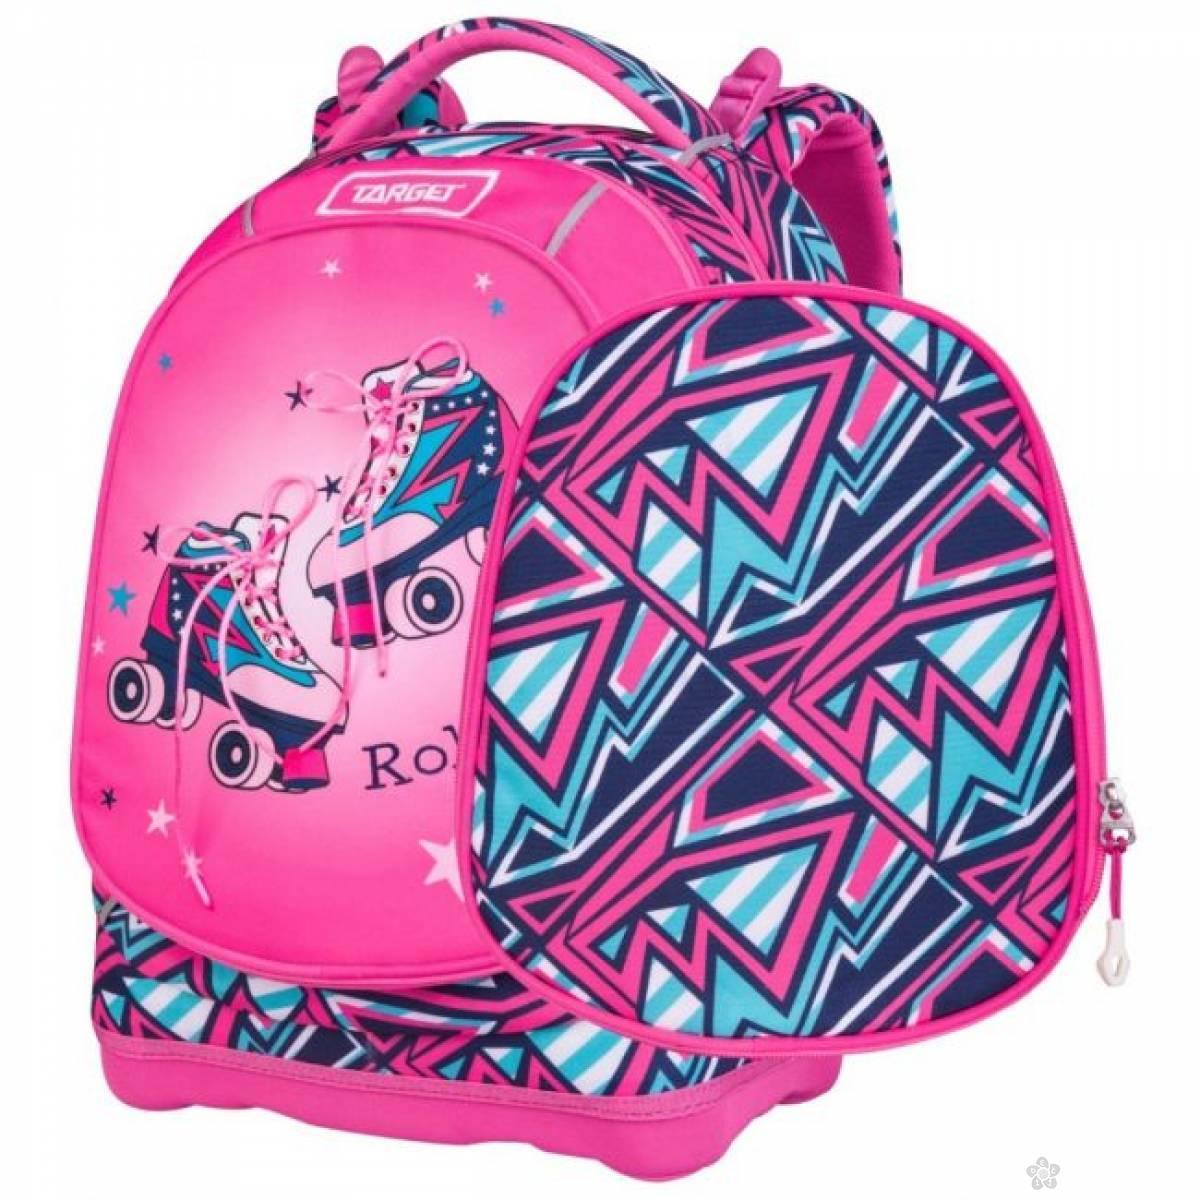 Ranac Superlight 2 Face Roller Girl 26825